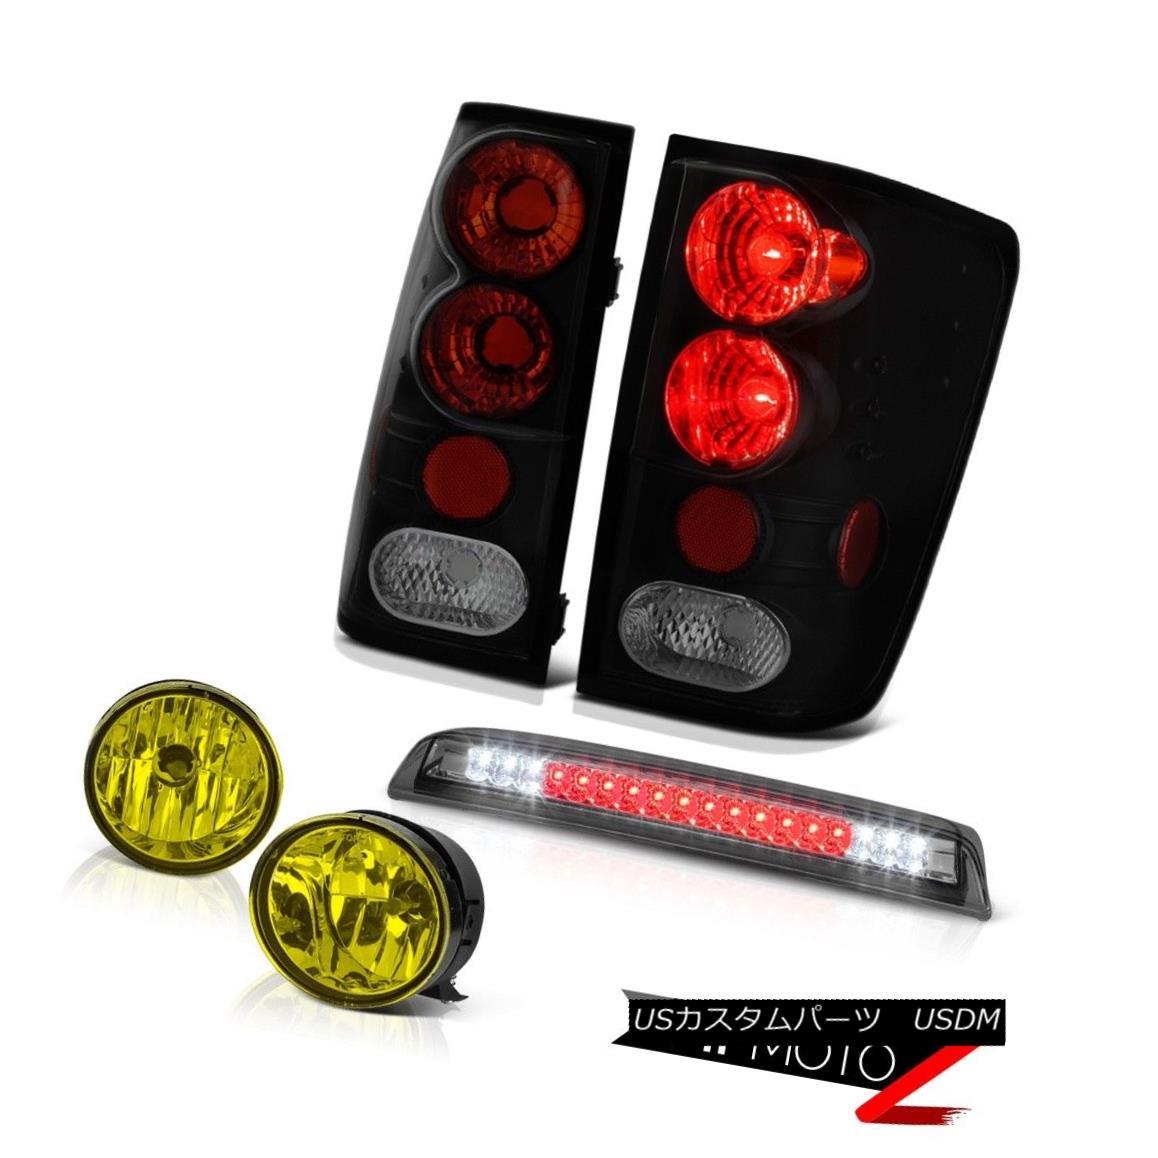 テールライト For 04-15 Titan S Sinister Black Tail Lamp Yellow Fog Smoke Third Brake LED 04月15日タイタンSシニスターブラックテールランプイエローフォグスモーク第3ブレーキLED